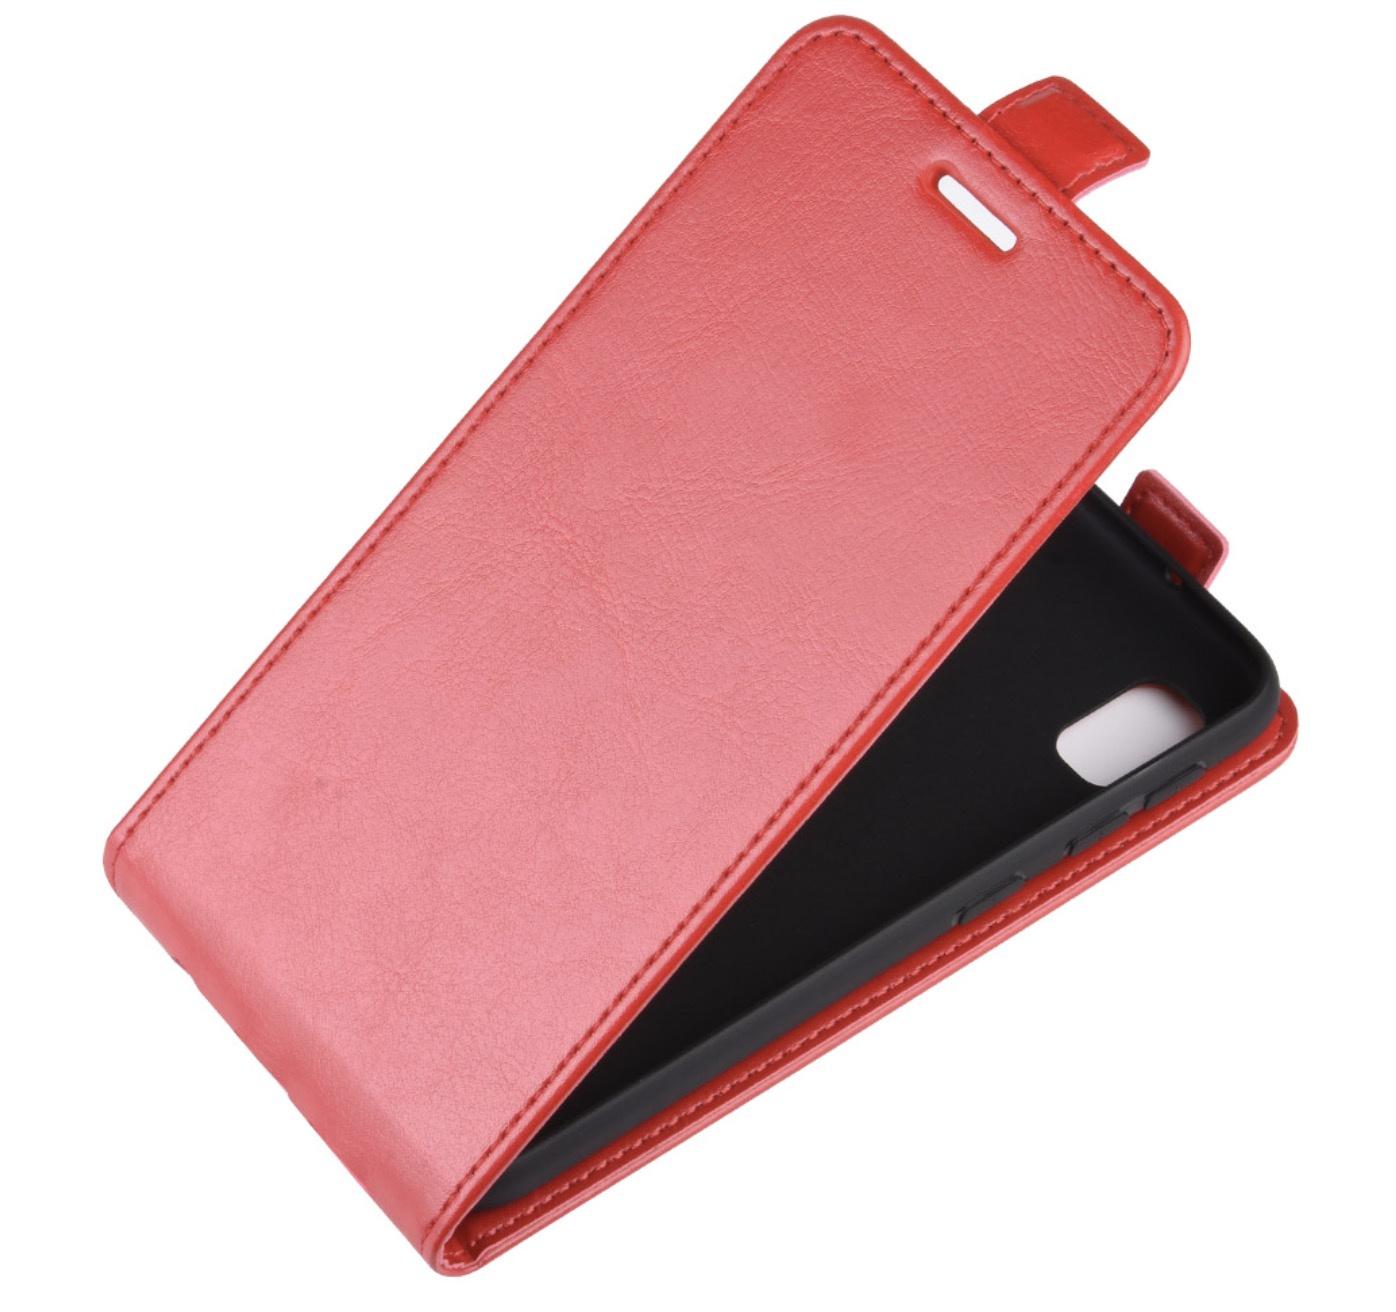 Чехол-флип MyPads для ASUS ZenFone 4 ZE554KL вертикальный откидной красный чехол флип mypads для asus zenfone 4 selfie pro zd552kl вертикальный откидной белый